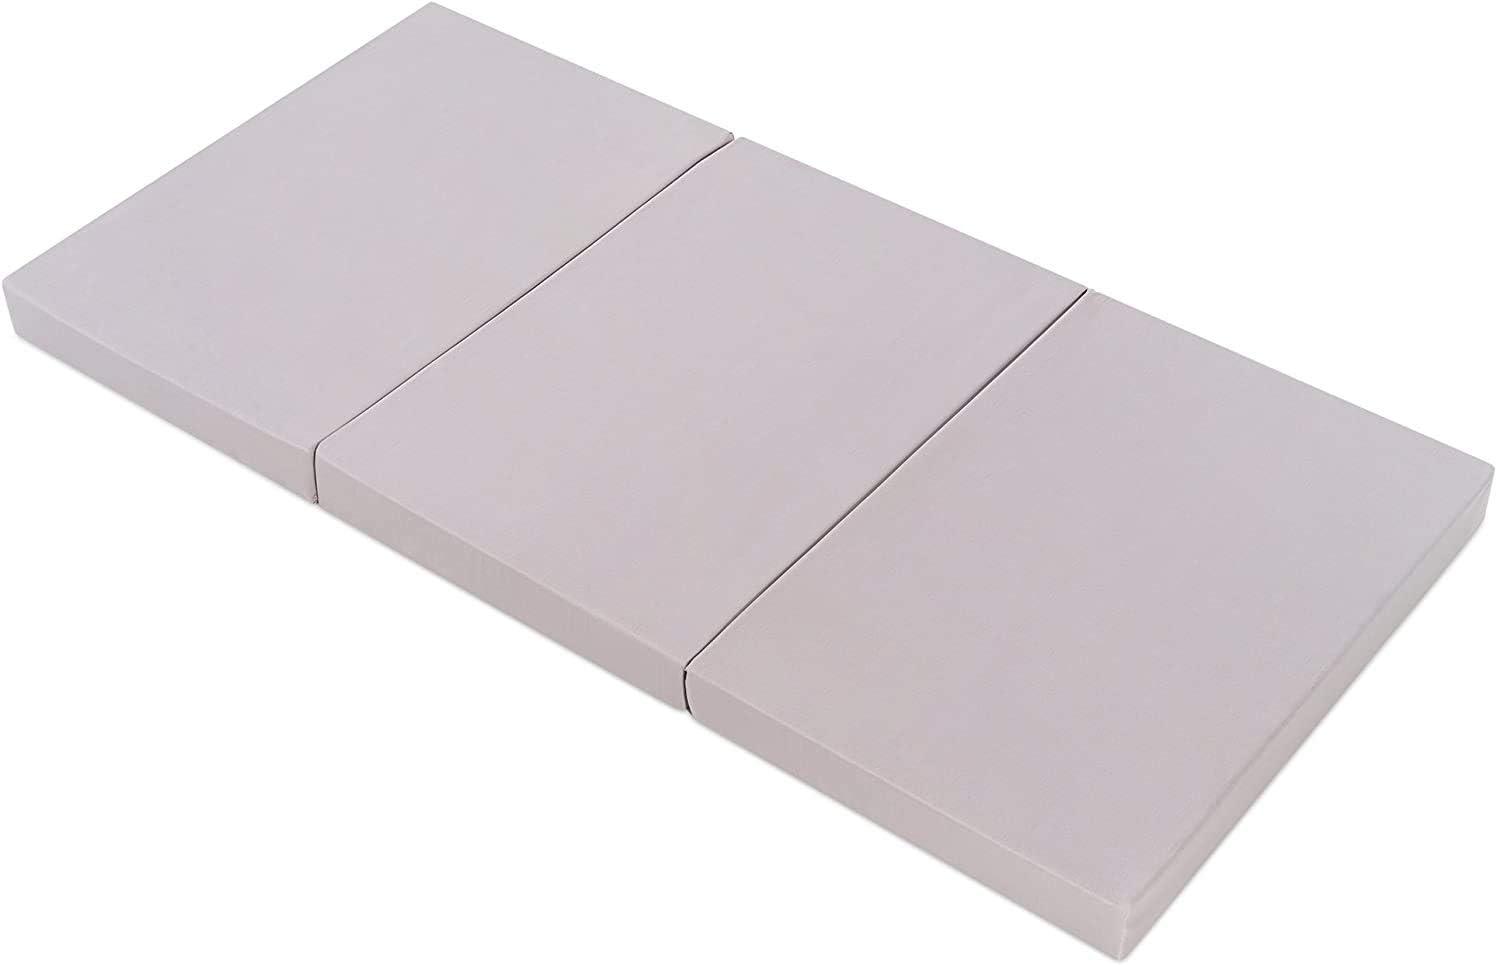 funda de algod/ón lavable Sin sustancias nocivas,colch/ón cuna de viaje plegable 120x60 cm//Altura 6 cm transpirable